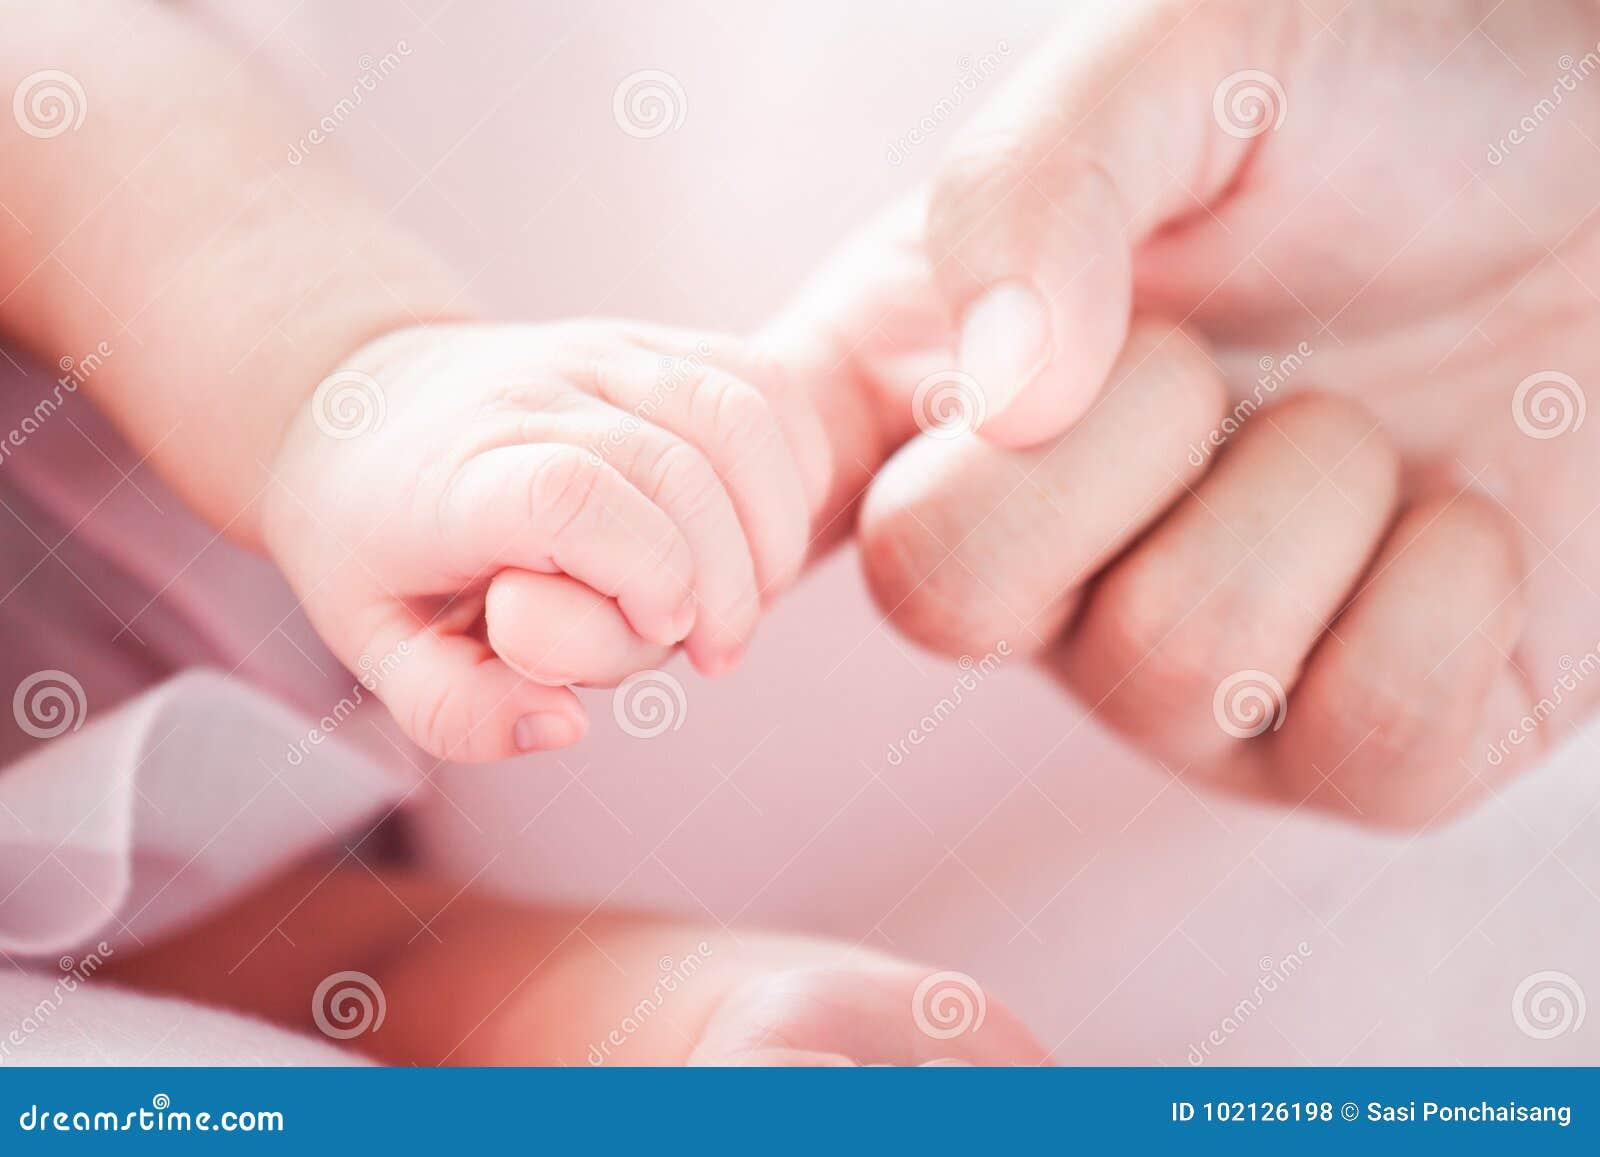 Malutki nowonarodzony dziecko ręki mienia matki palec z miłością